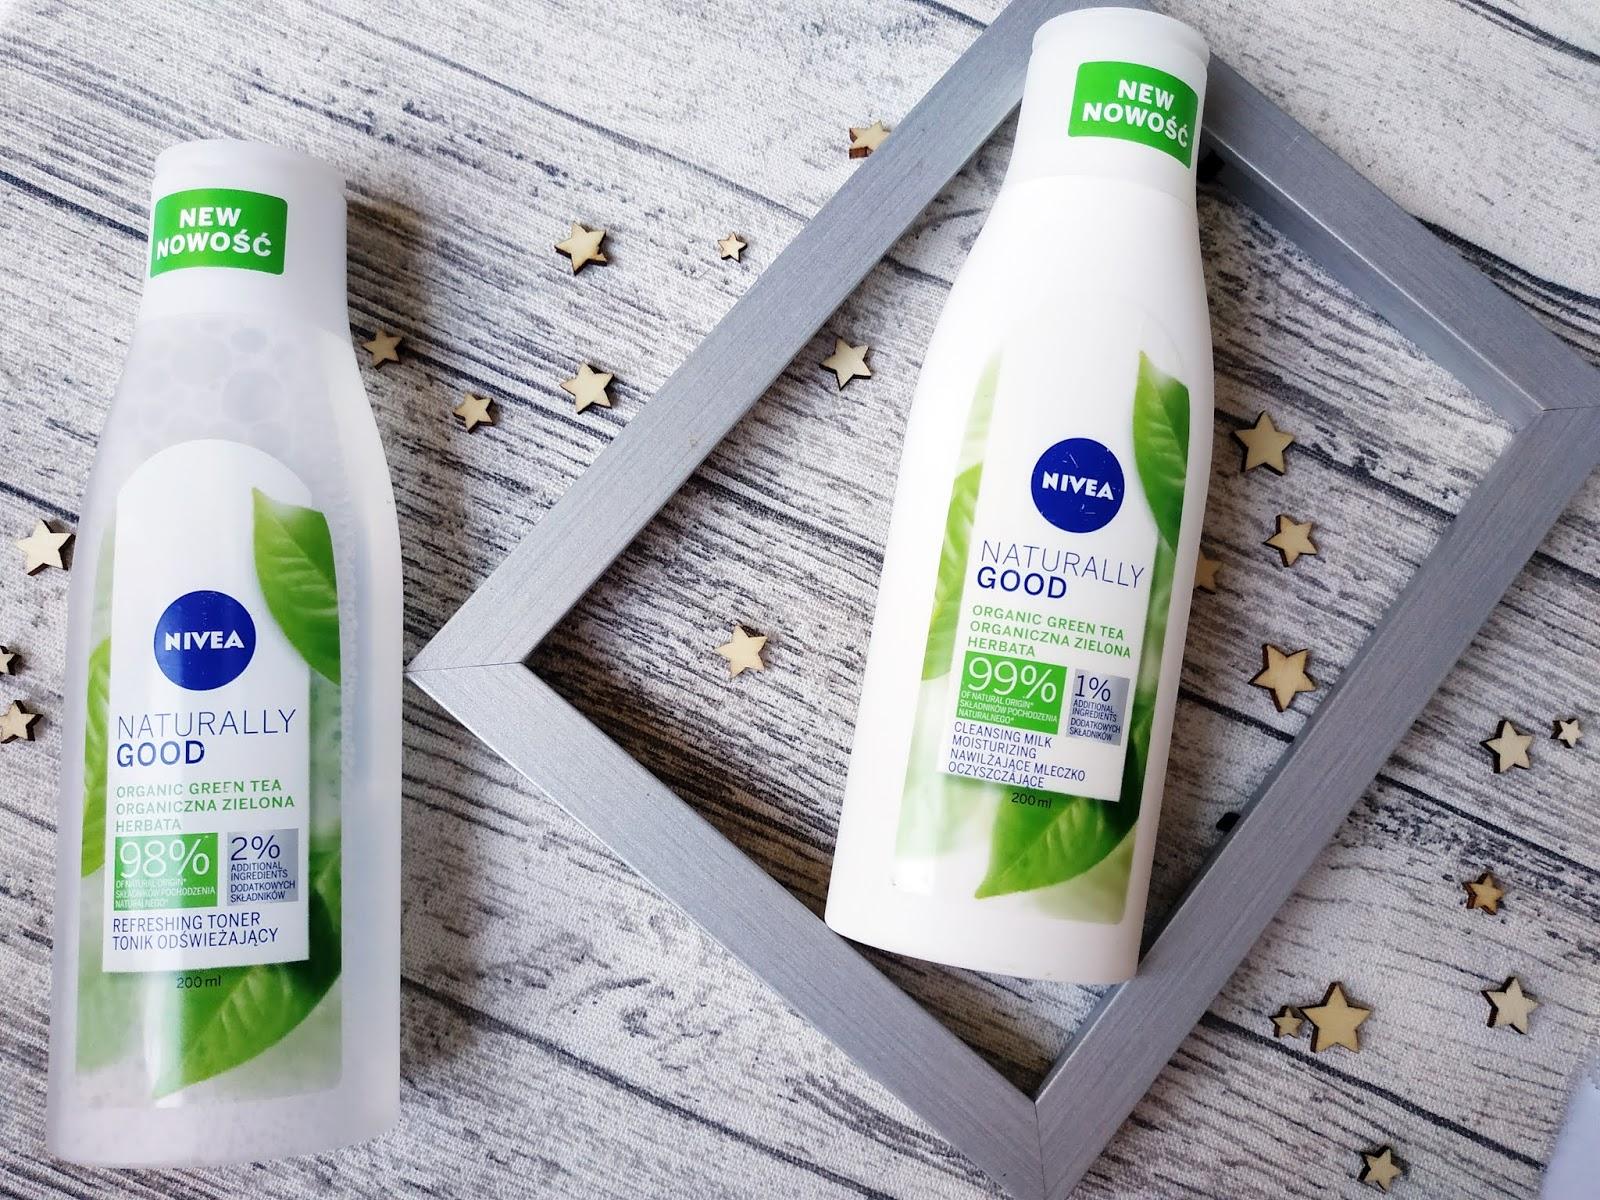 Nawilżające mleczko do demakijażu z organiczną zieloną herbatą - opinia